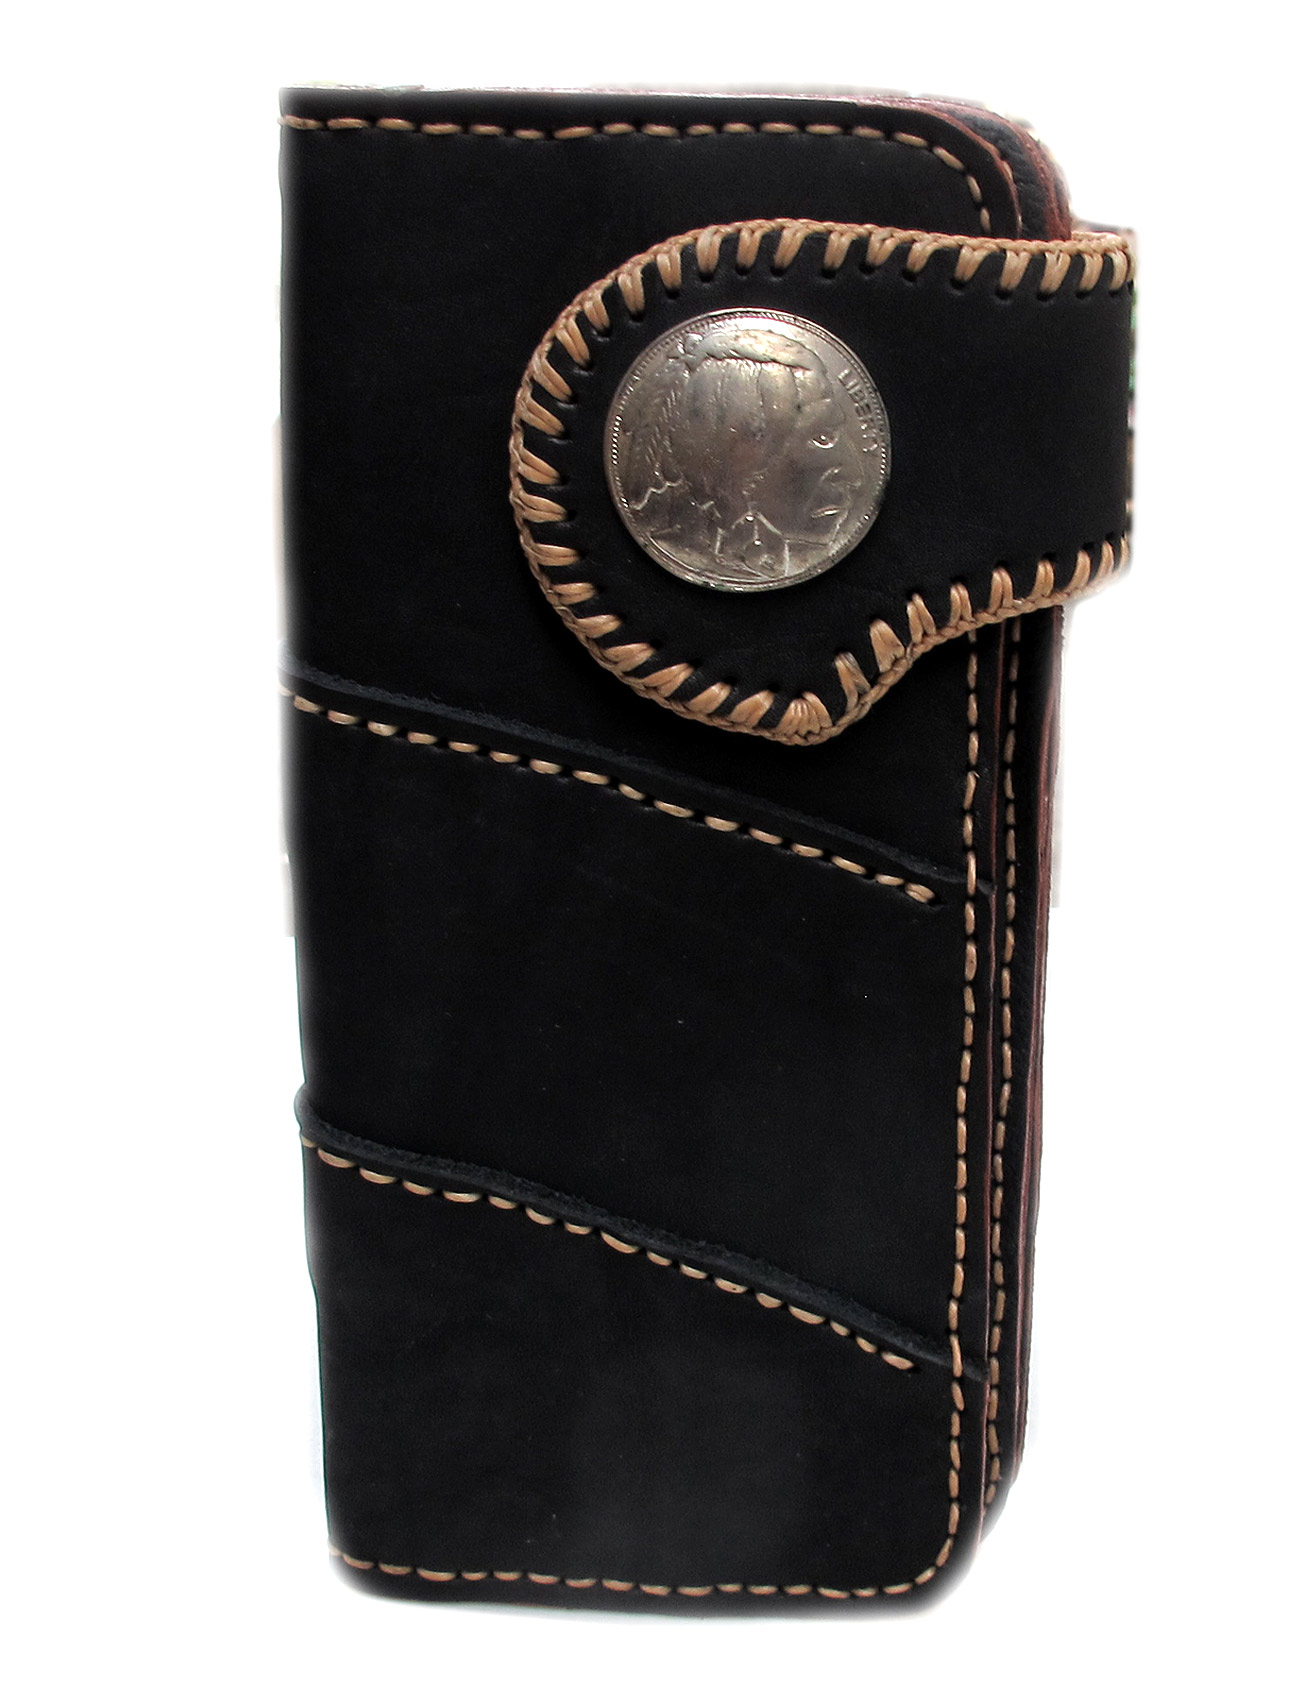 กระเป๋าสตางค์แฟชั่น หนังแท้ สุดเทห์ มีหูปิดประดับด้วยกระดุมสีเงิน สำหรับบุรุษและสตรี